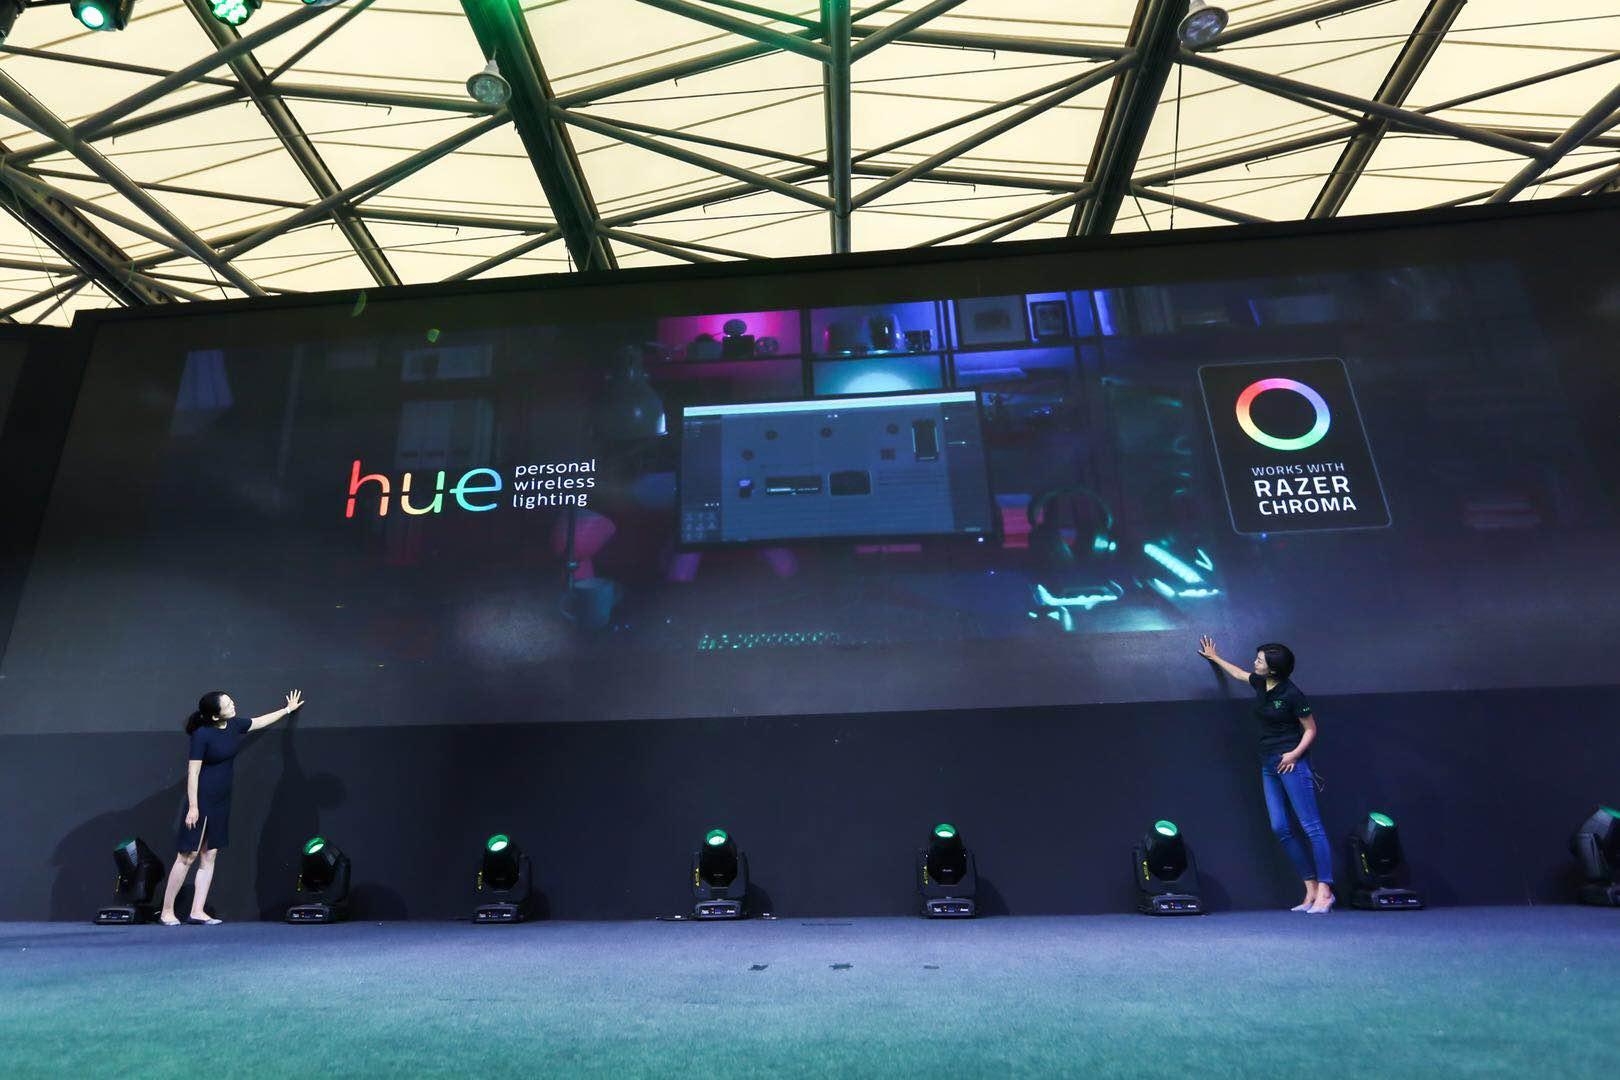 Razer跨界合作飞利浦,携手打造沉浸式游戏新体验